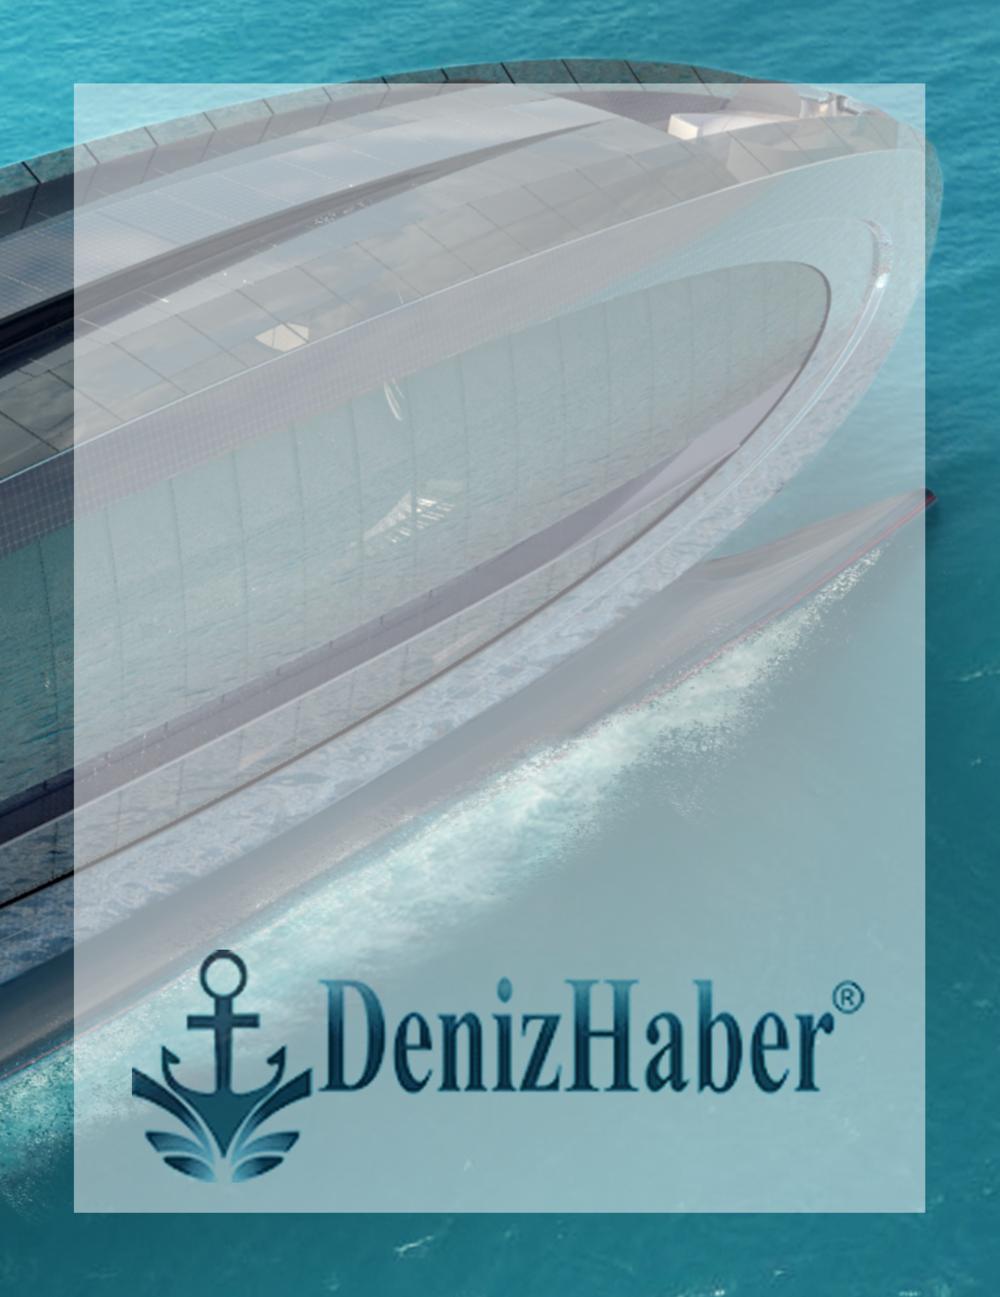 Sıradışı olmak isteyenlere Futuristic süperyat  Amerika, Florida'daki Eramotive tasarım takımı Iris serisi süper lüks yat konseptini üç farklı boyutta sunuyor. 45 metre, 75 metre ve 125 metre formundaki hibrid çok gövdeli süper konsepti ile, gelecek dönemde adından fazlasıyla söz ettirecek....